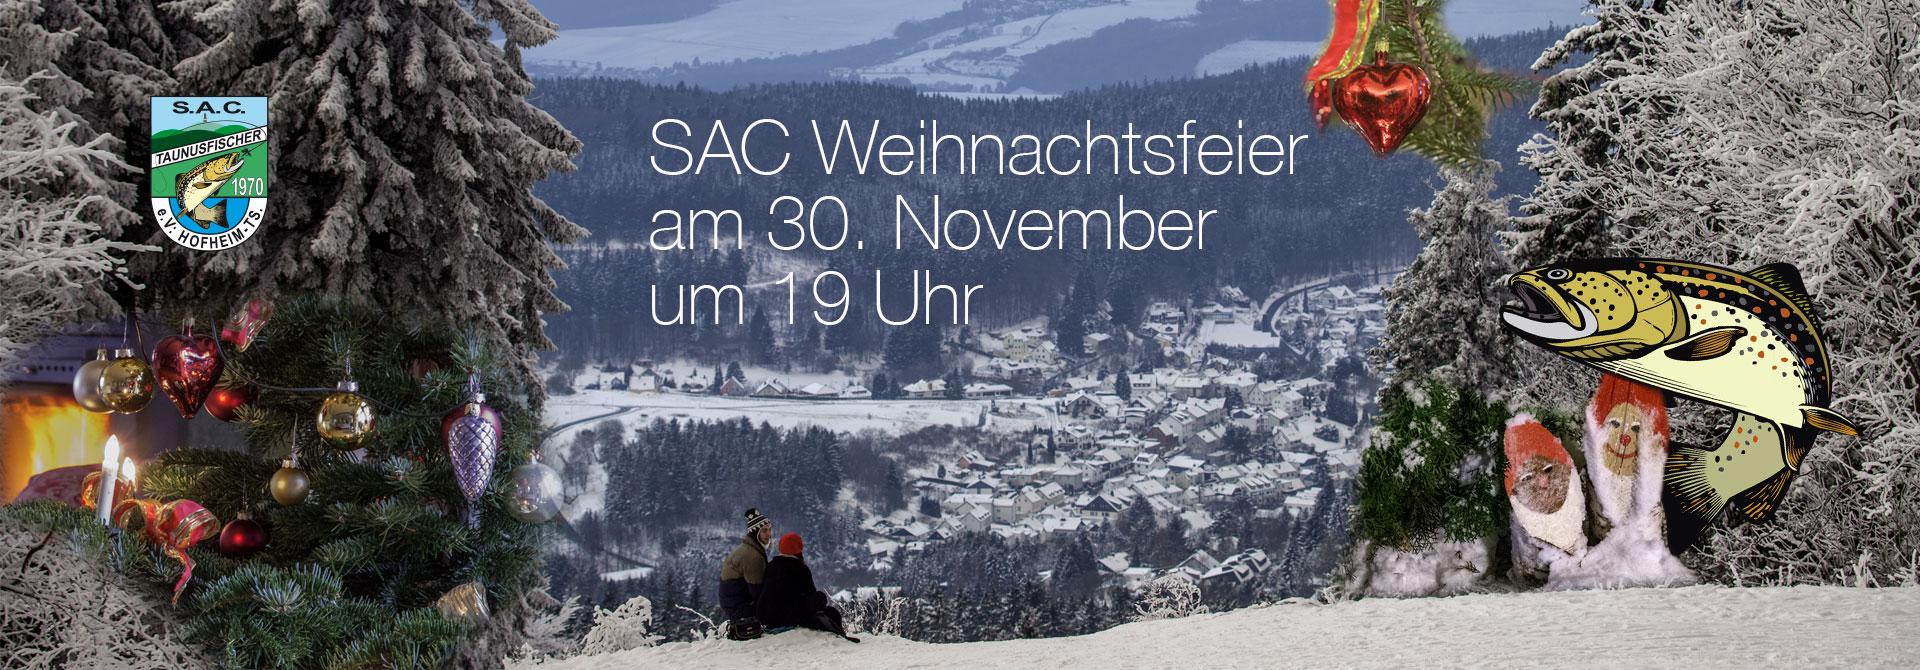 SAC-Weihnachtsfeier-2018